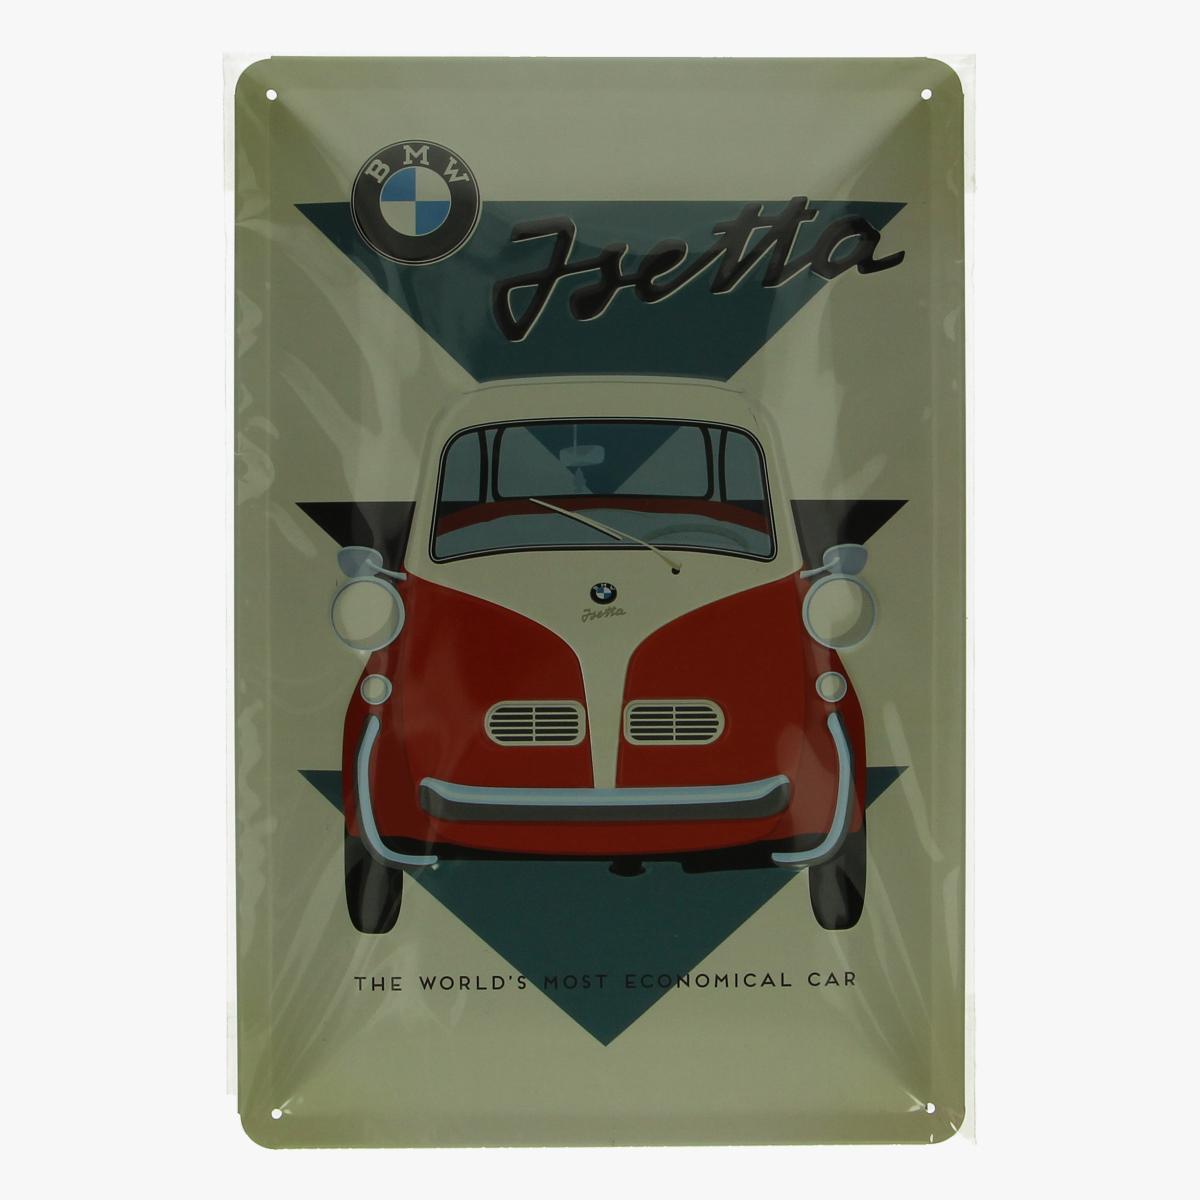 Afbeeldingen van blikken bordje BMW isetta geseald repro